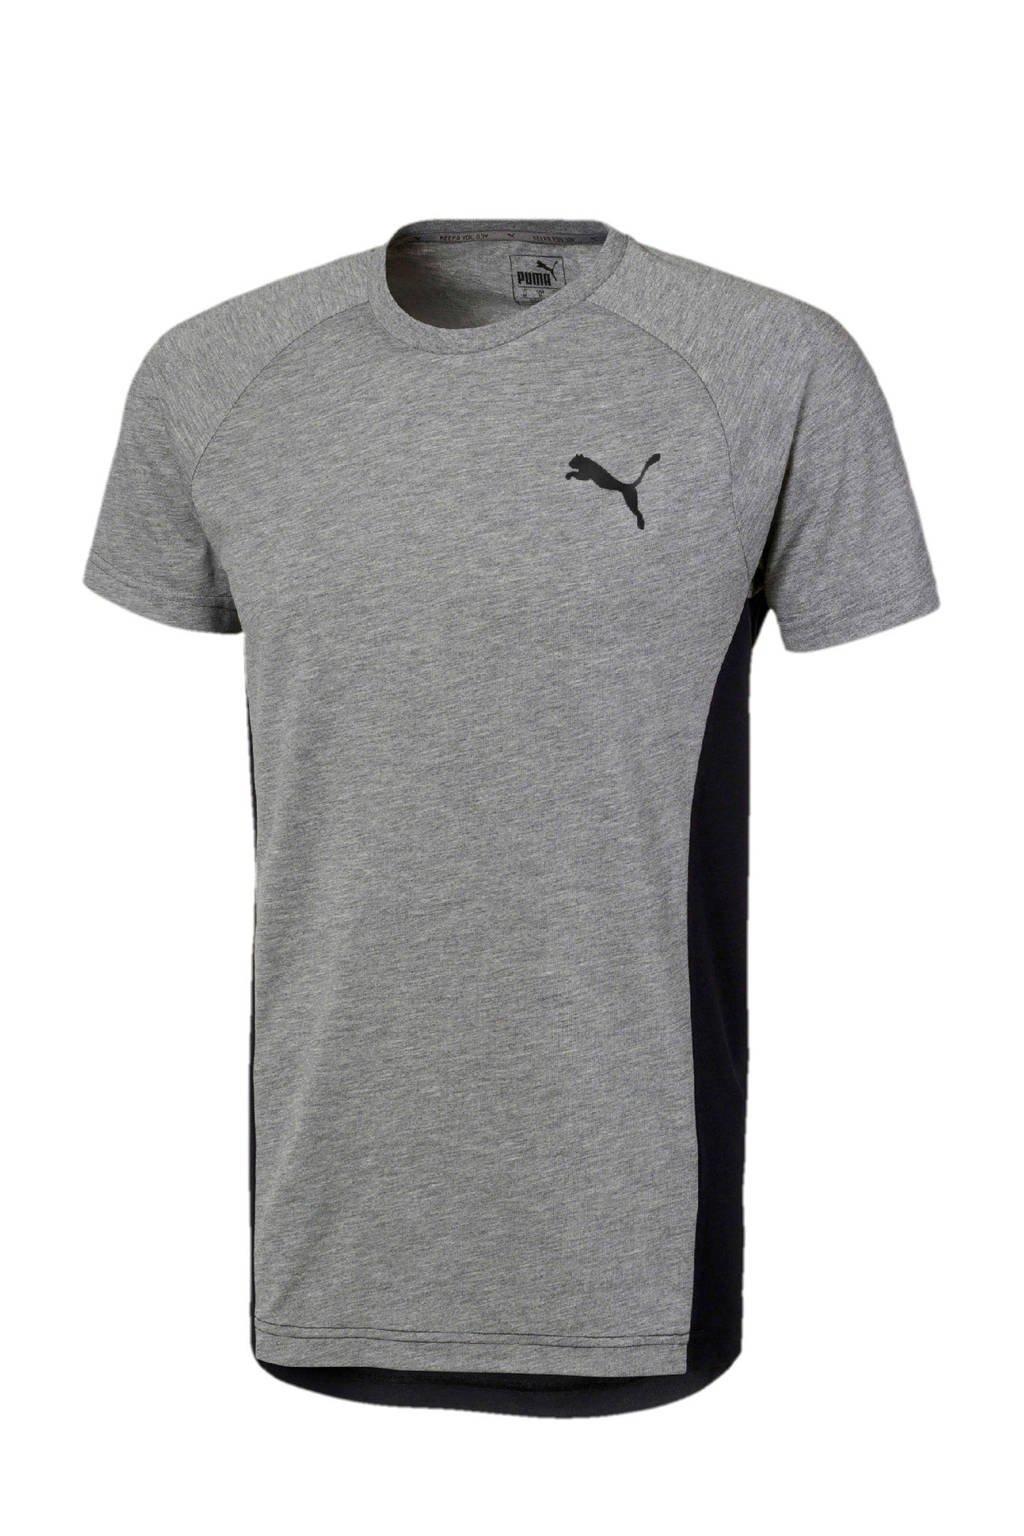 Puma   T-shirt grijs, Grijs